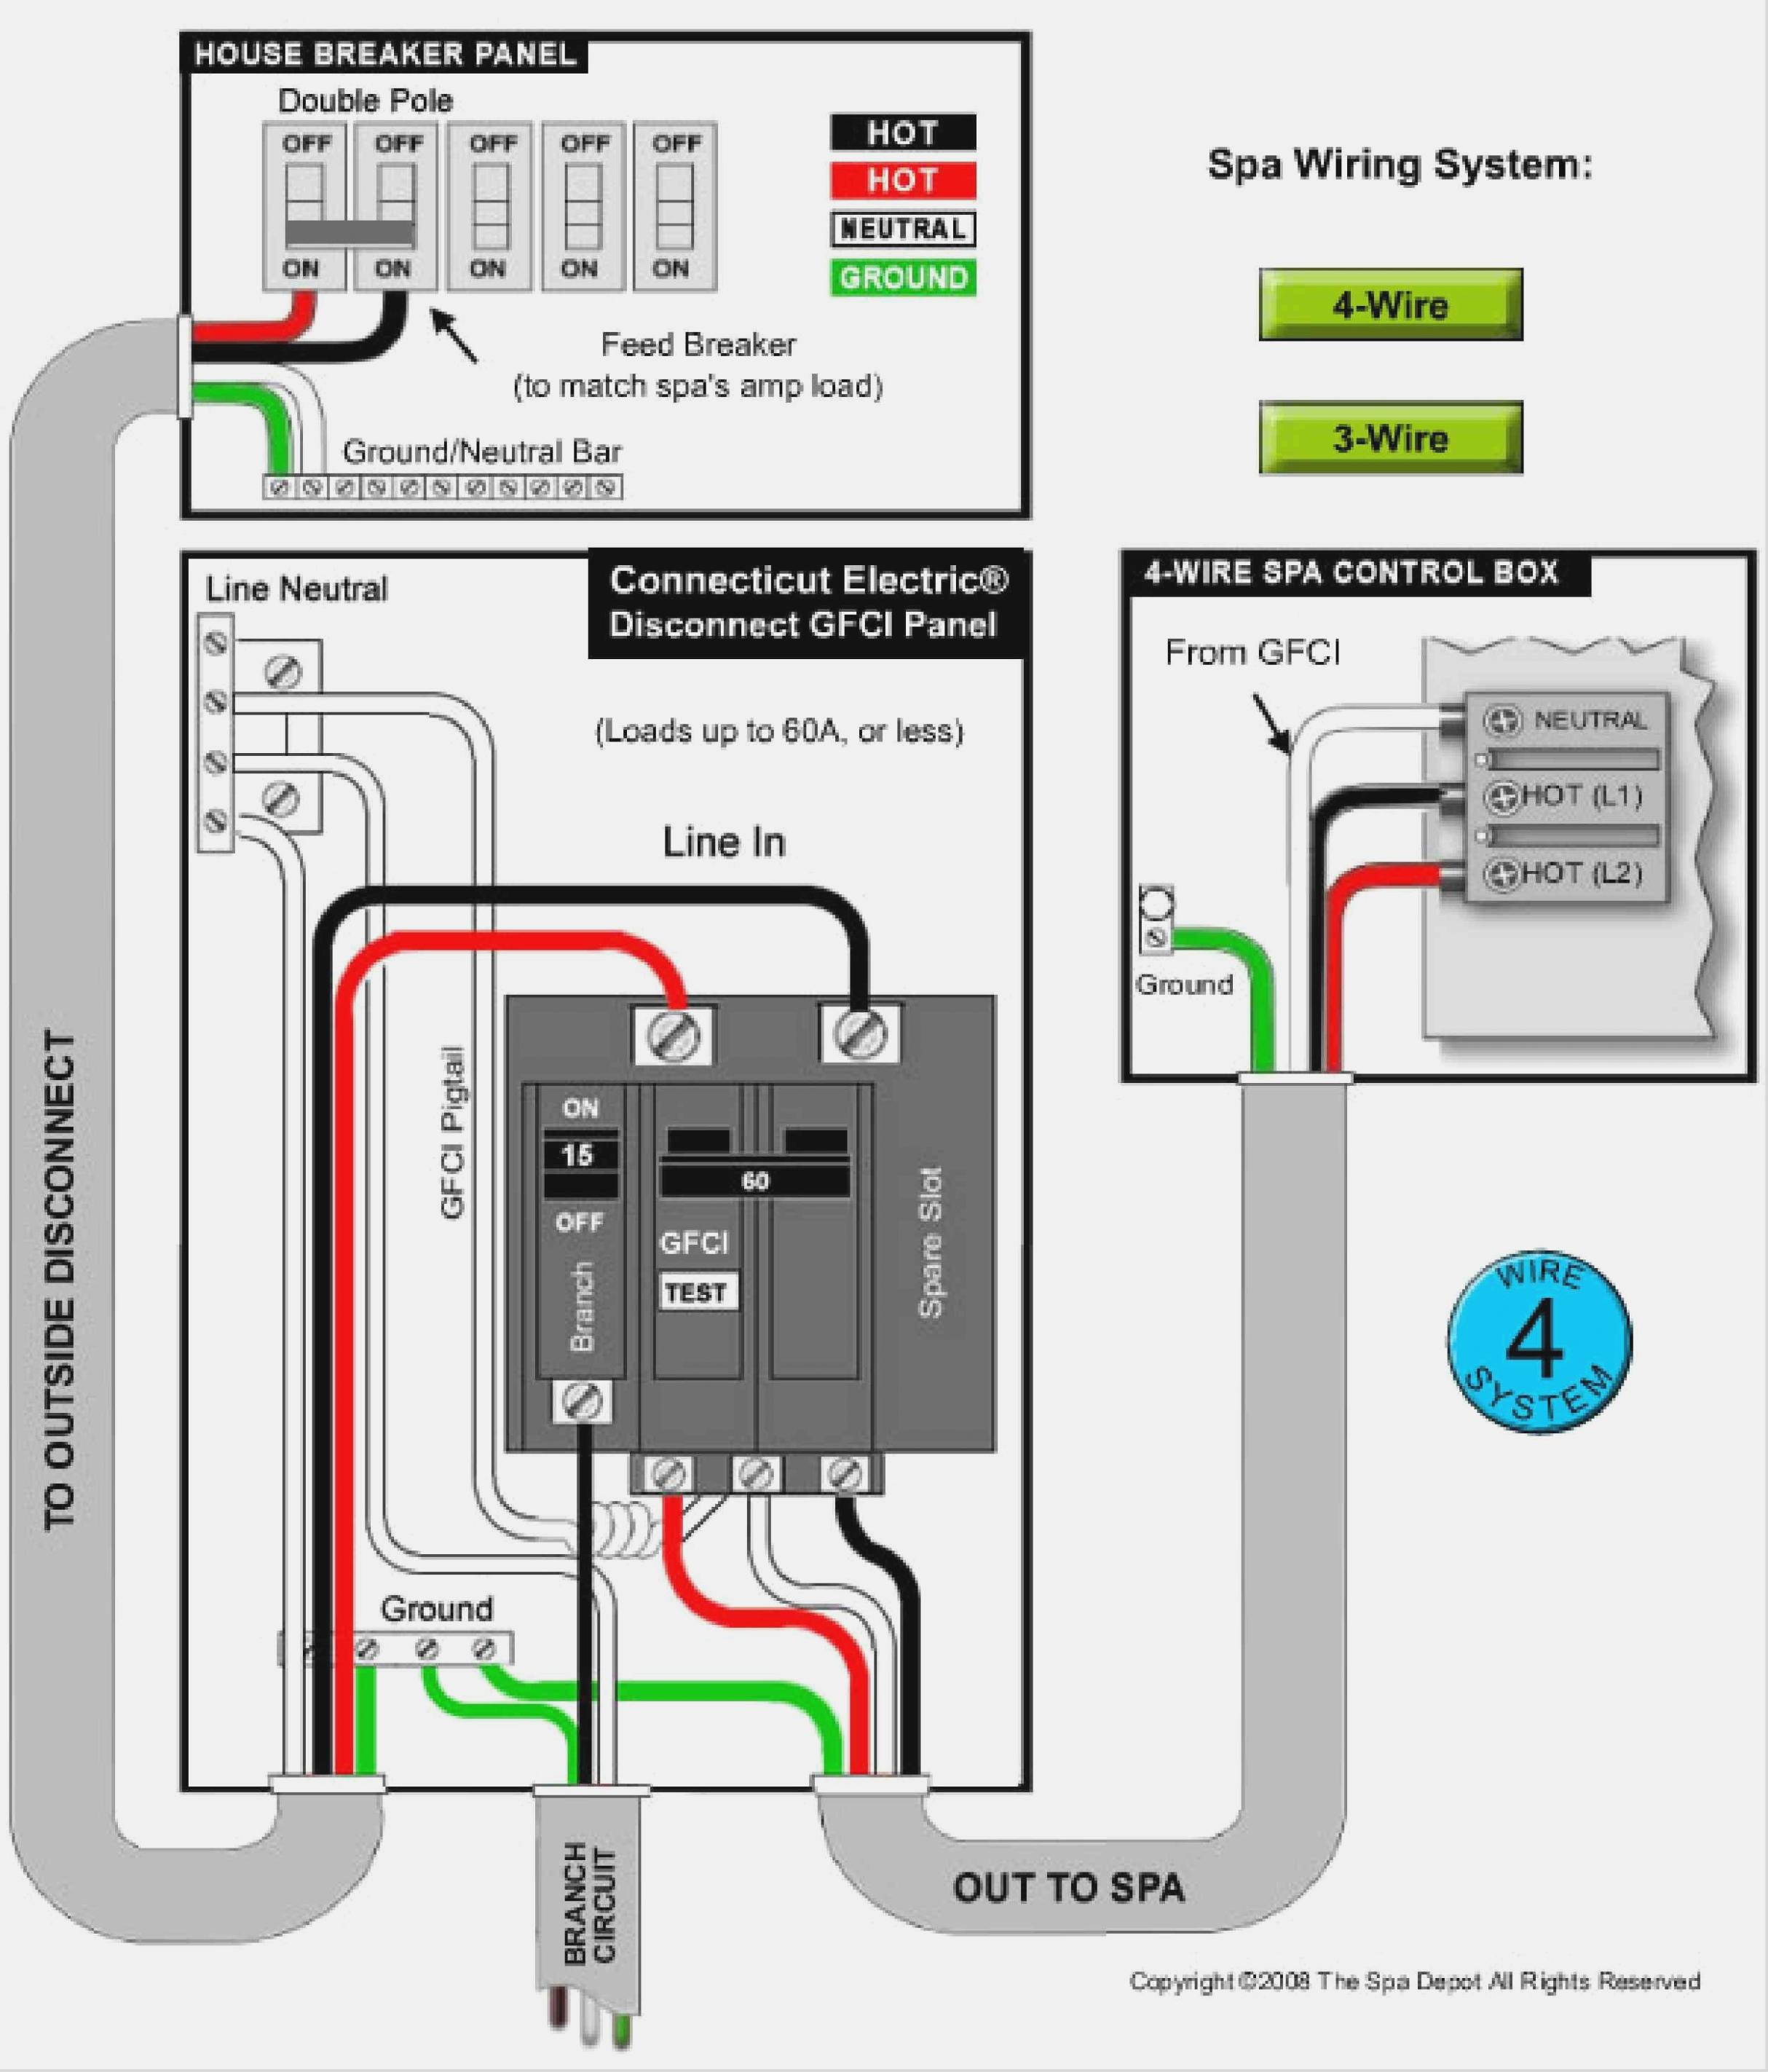 2 Pole Gfci Breaker Wiring Diagram | Manual E-Books - 2 Pole Circuit Breaker Wiring Diagram